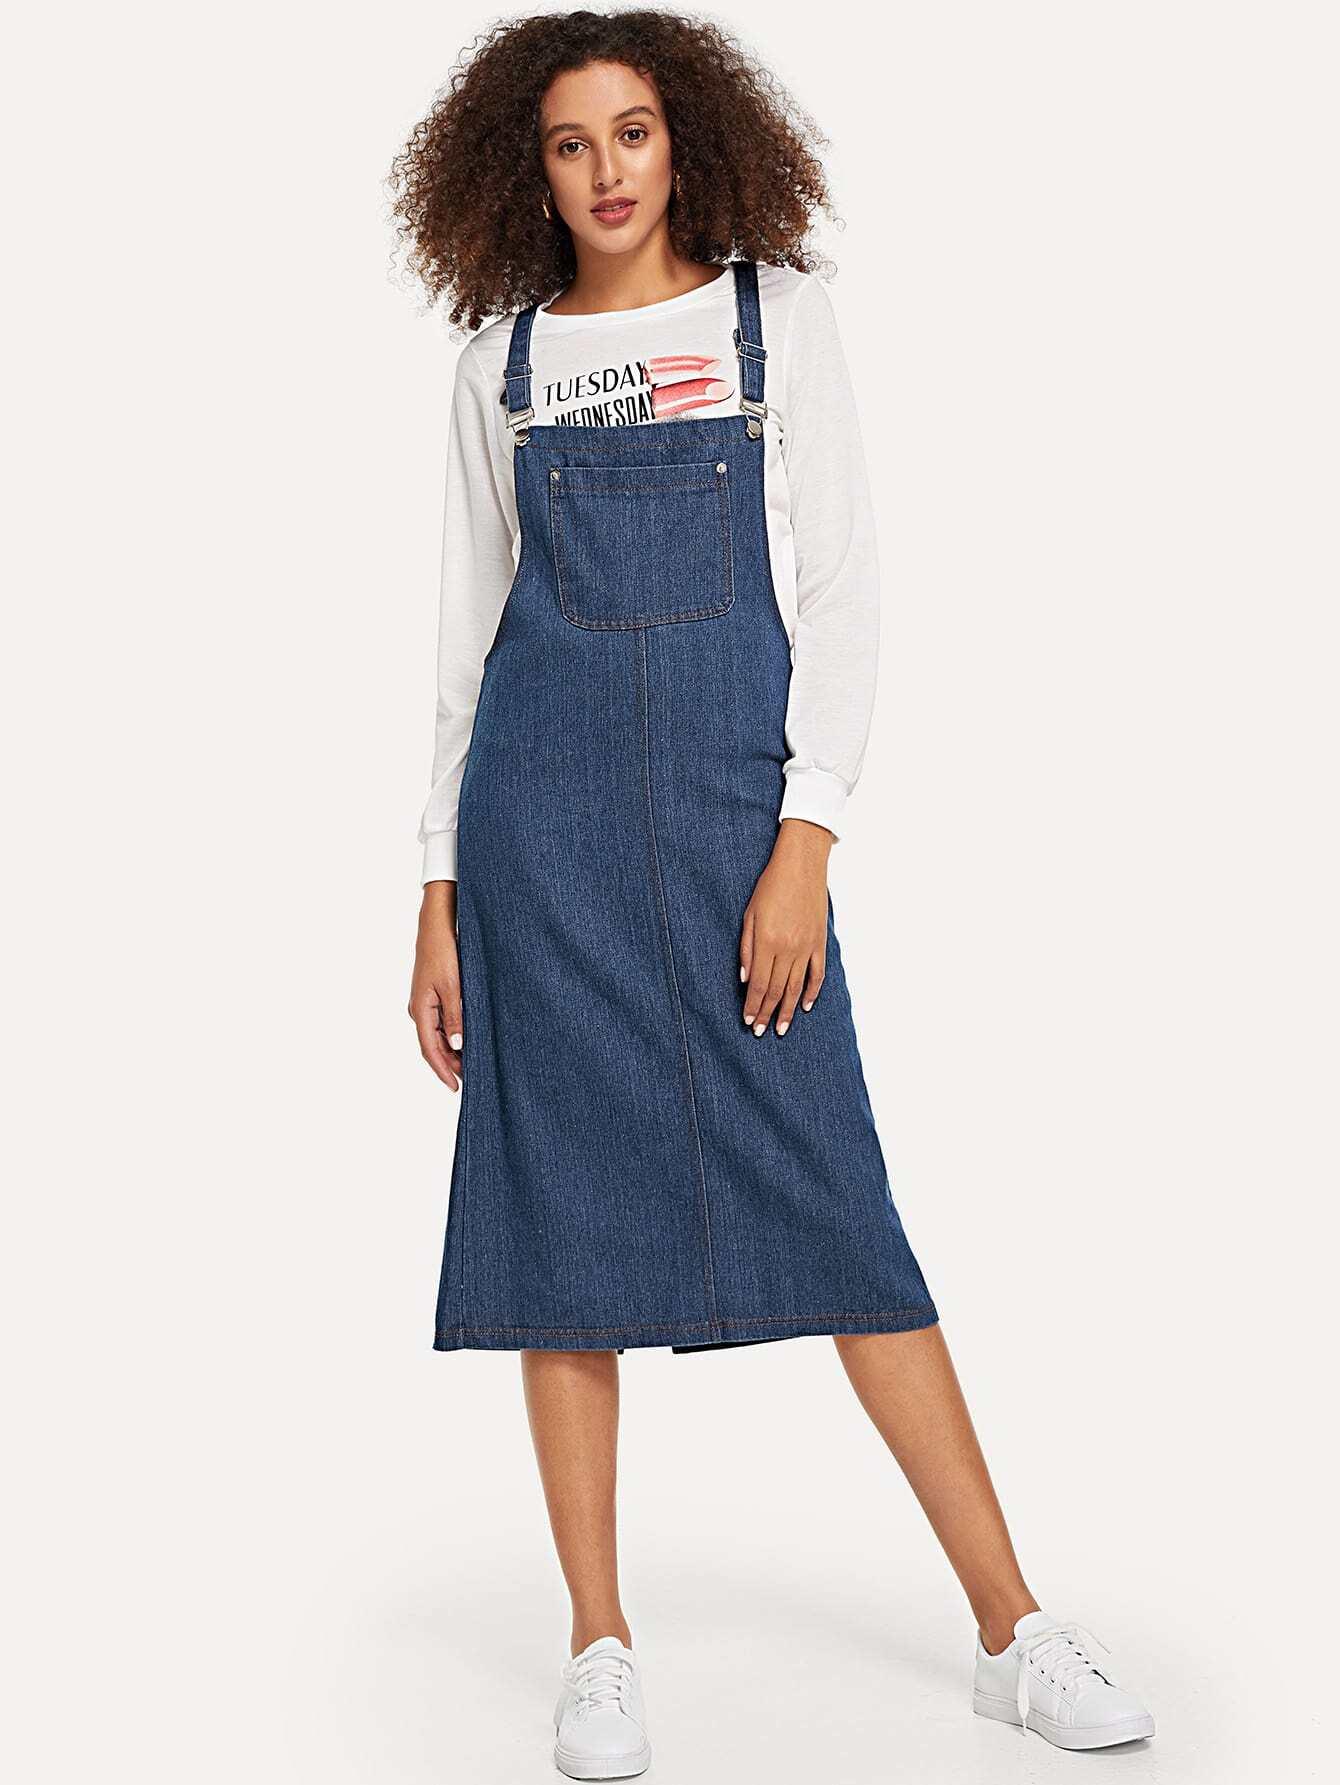 Купить Однотонное джинсовое платье с карманом, Elaine, SheIn